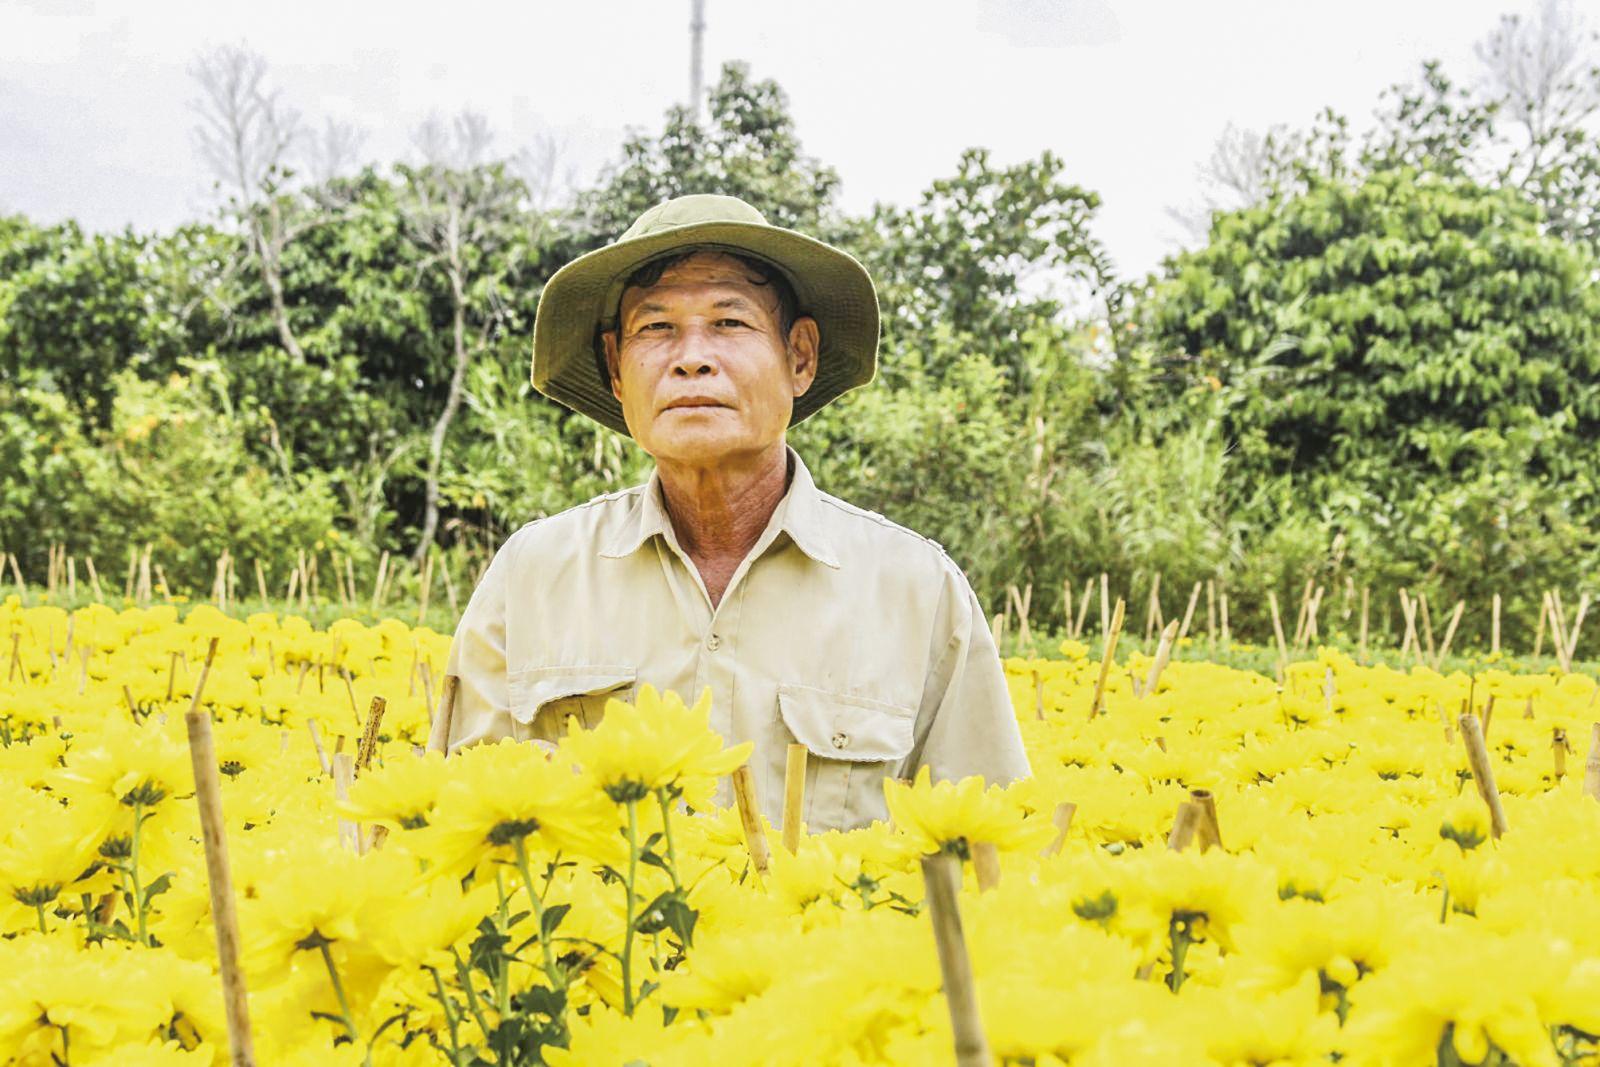 Ông Huỳnh Thanh Cần chăm sóc hoa cúc, hoa vạn thọ tại khu vườn trồng hoa kiểng của mình. Ảnh: HÀ VĂN